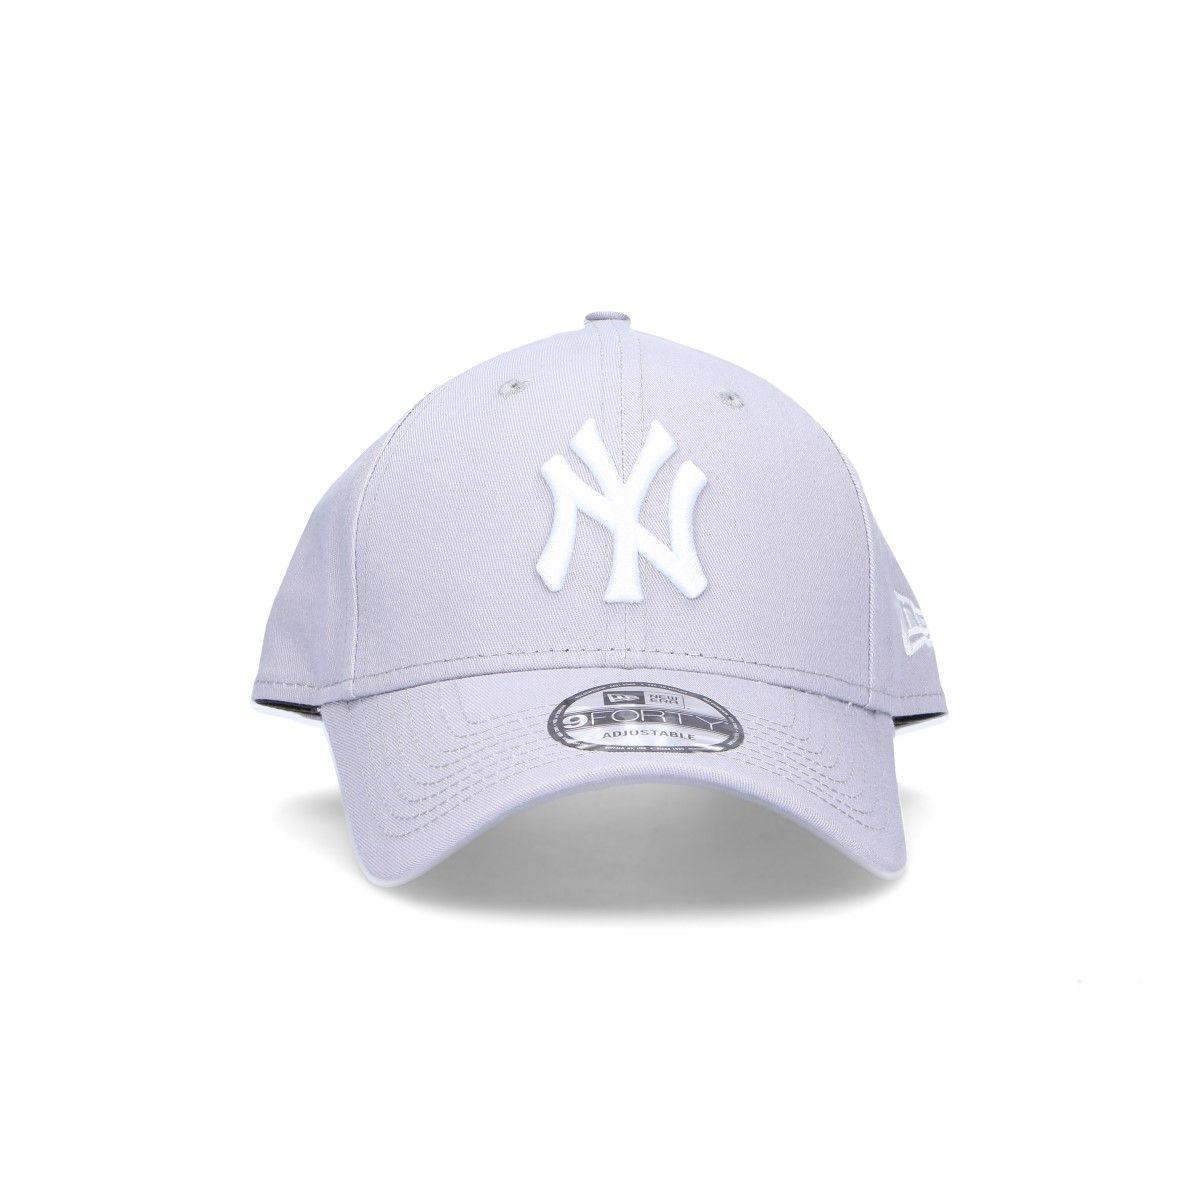 New Era White Fabric Hat